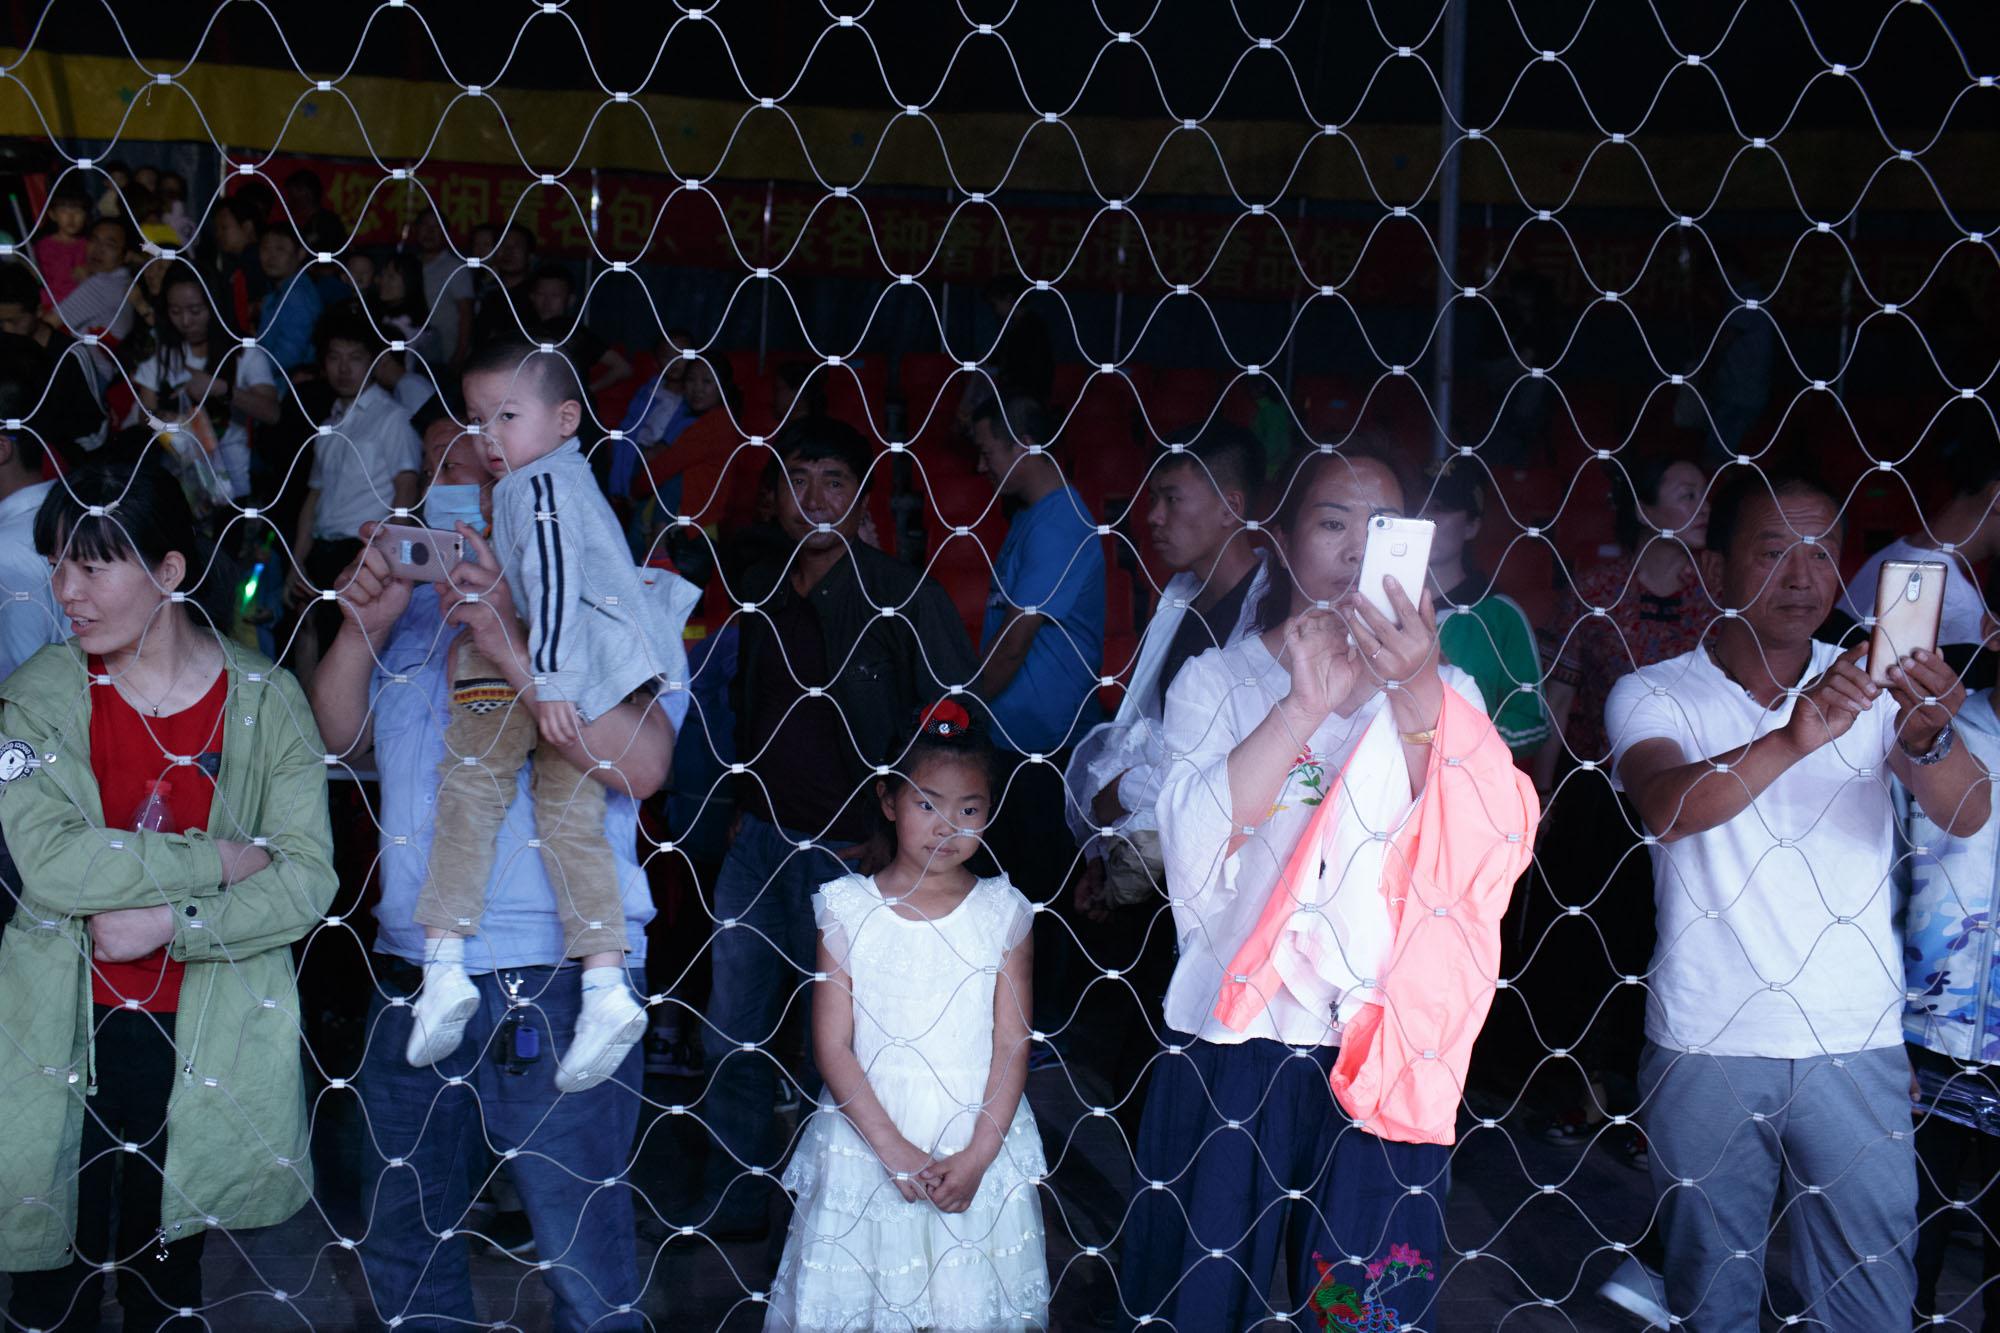 2017年初夏,北方村庄的人们在观看一场马戏表演。澎湃新闻记者 周平浪 图